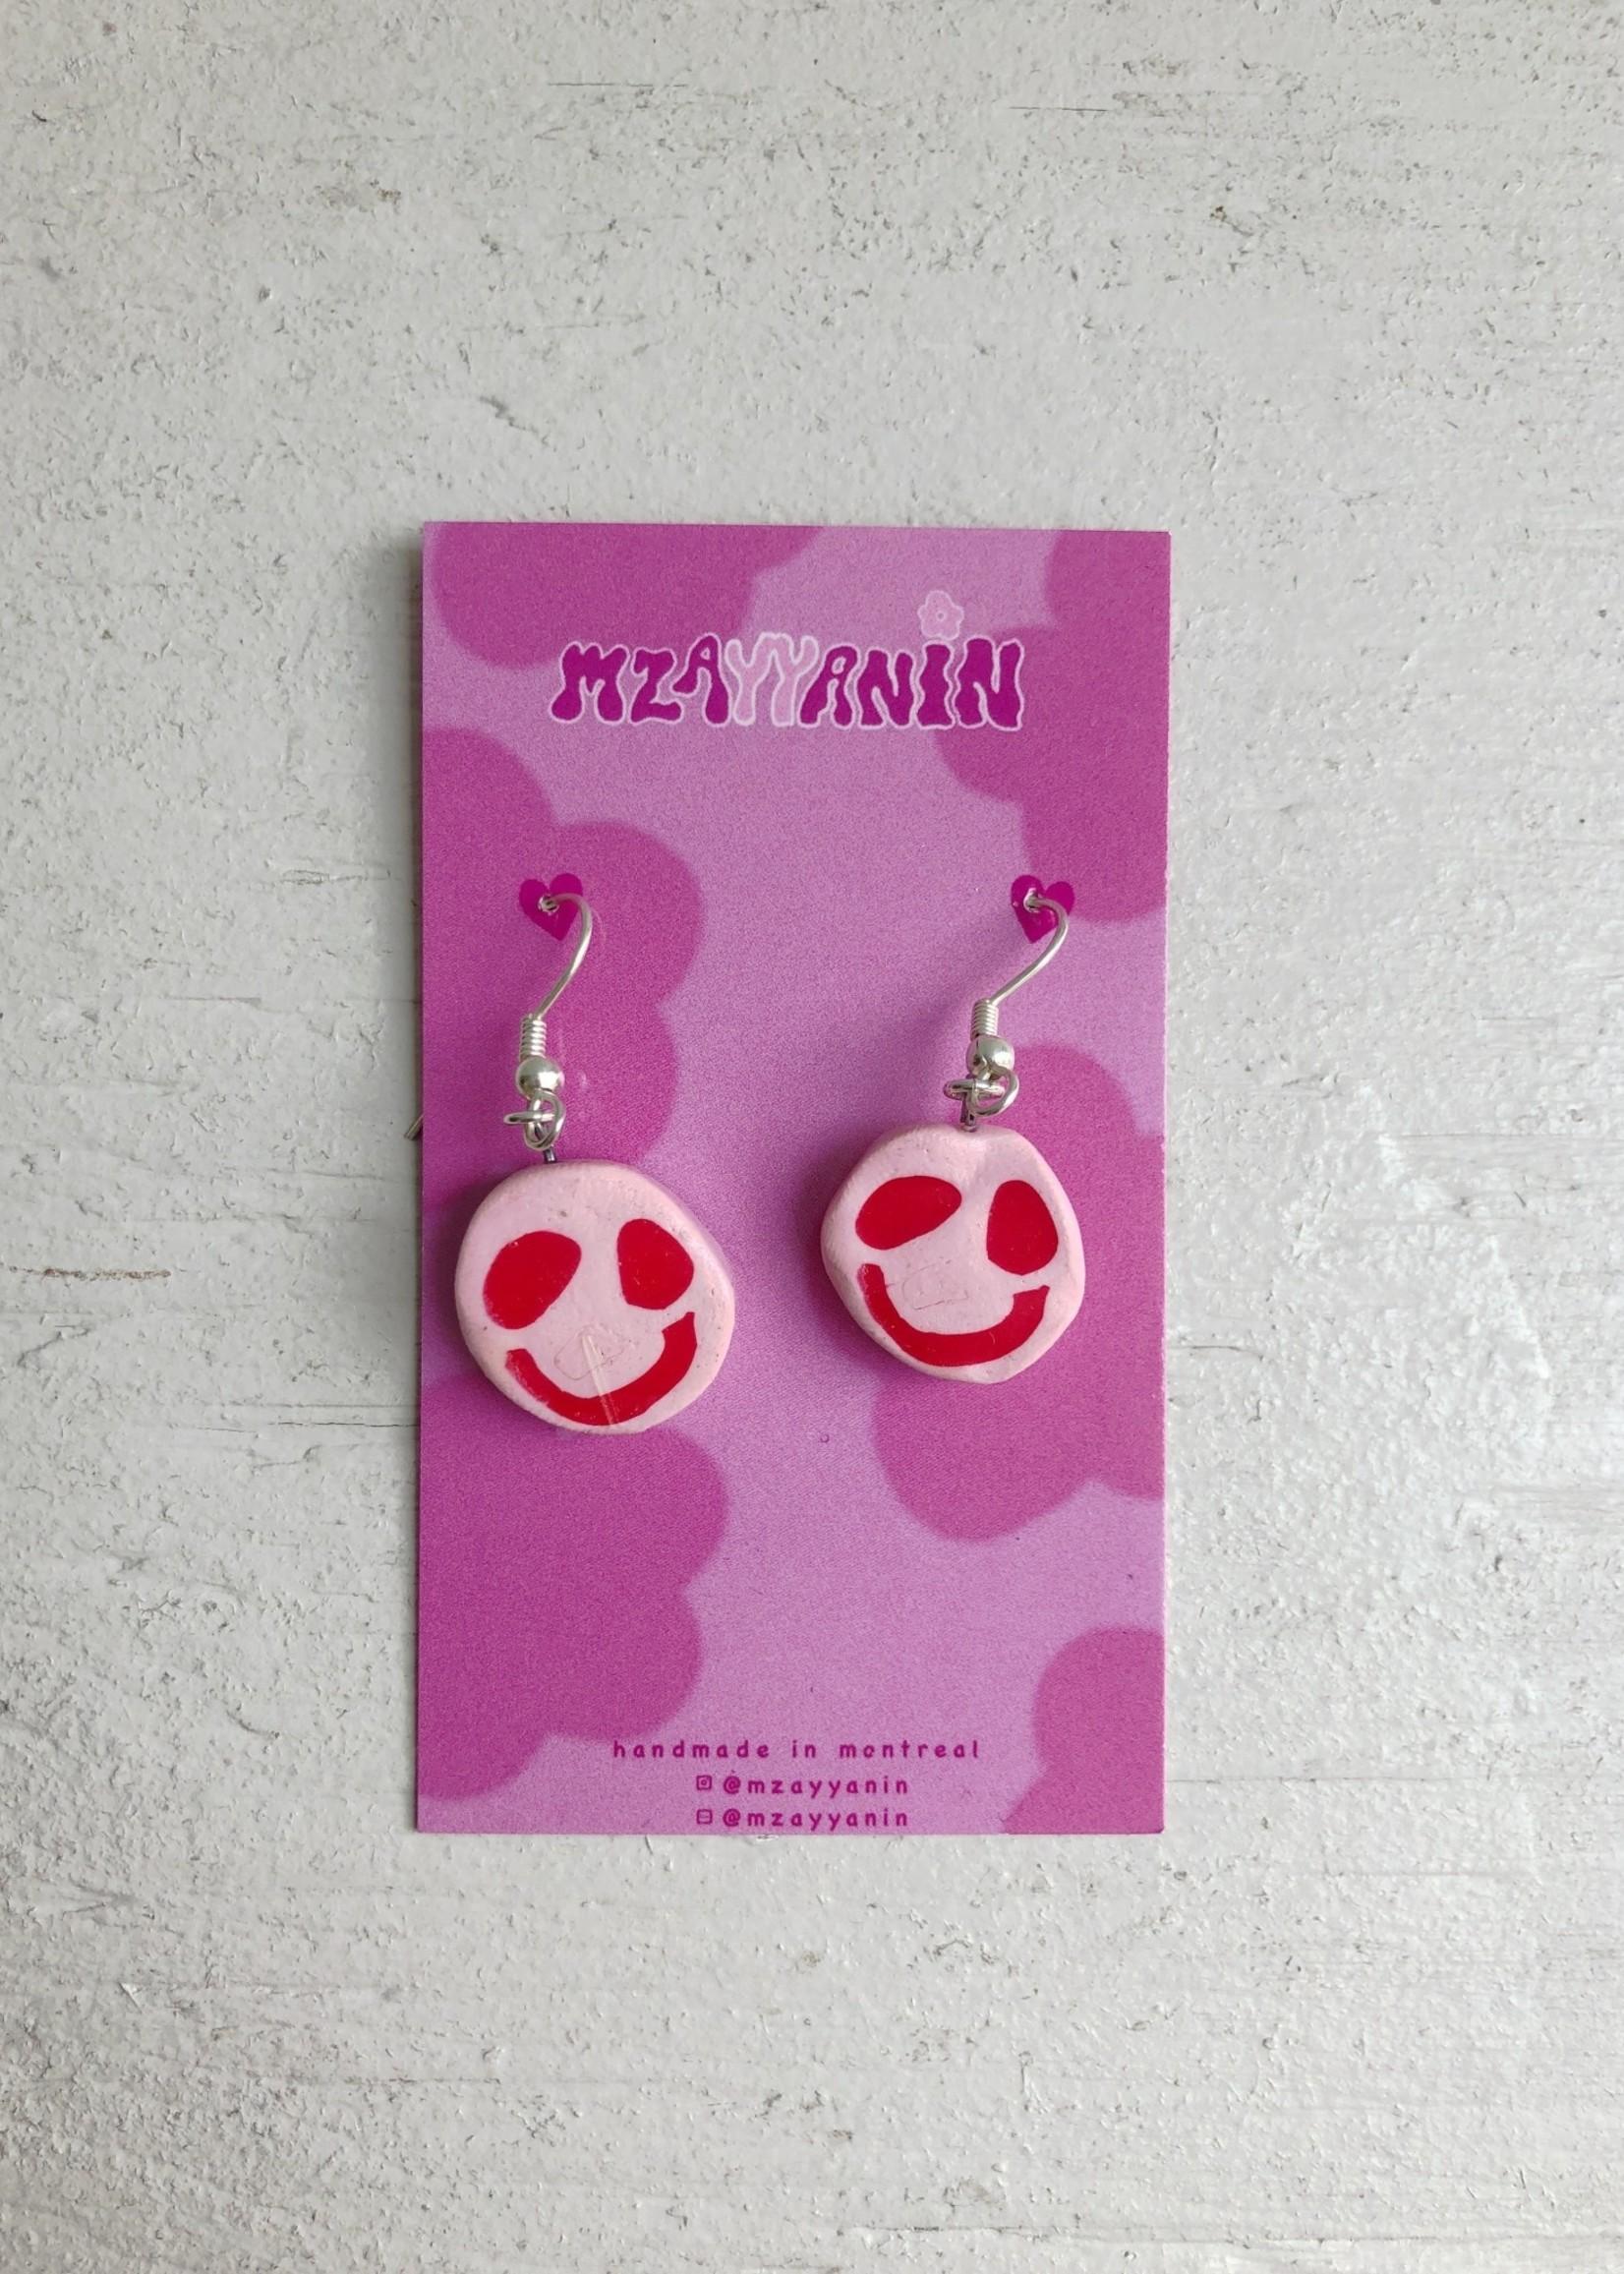 Mzayyanin Smiley Earrings by Mzayyanin